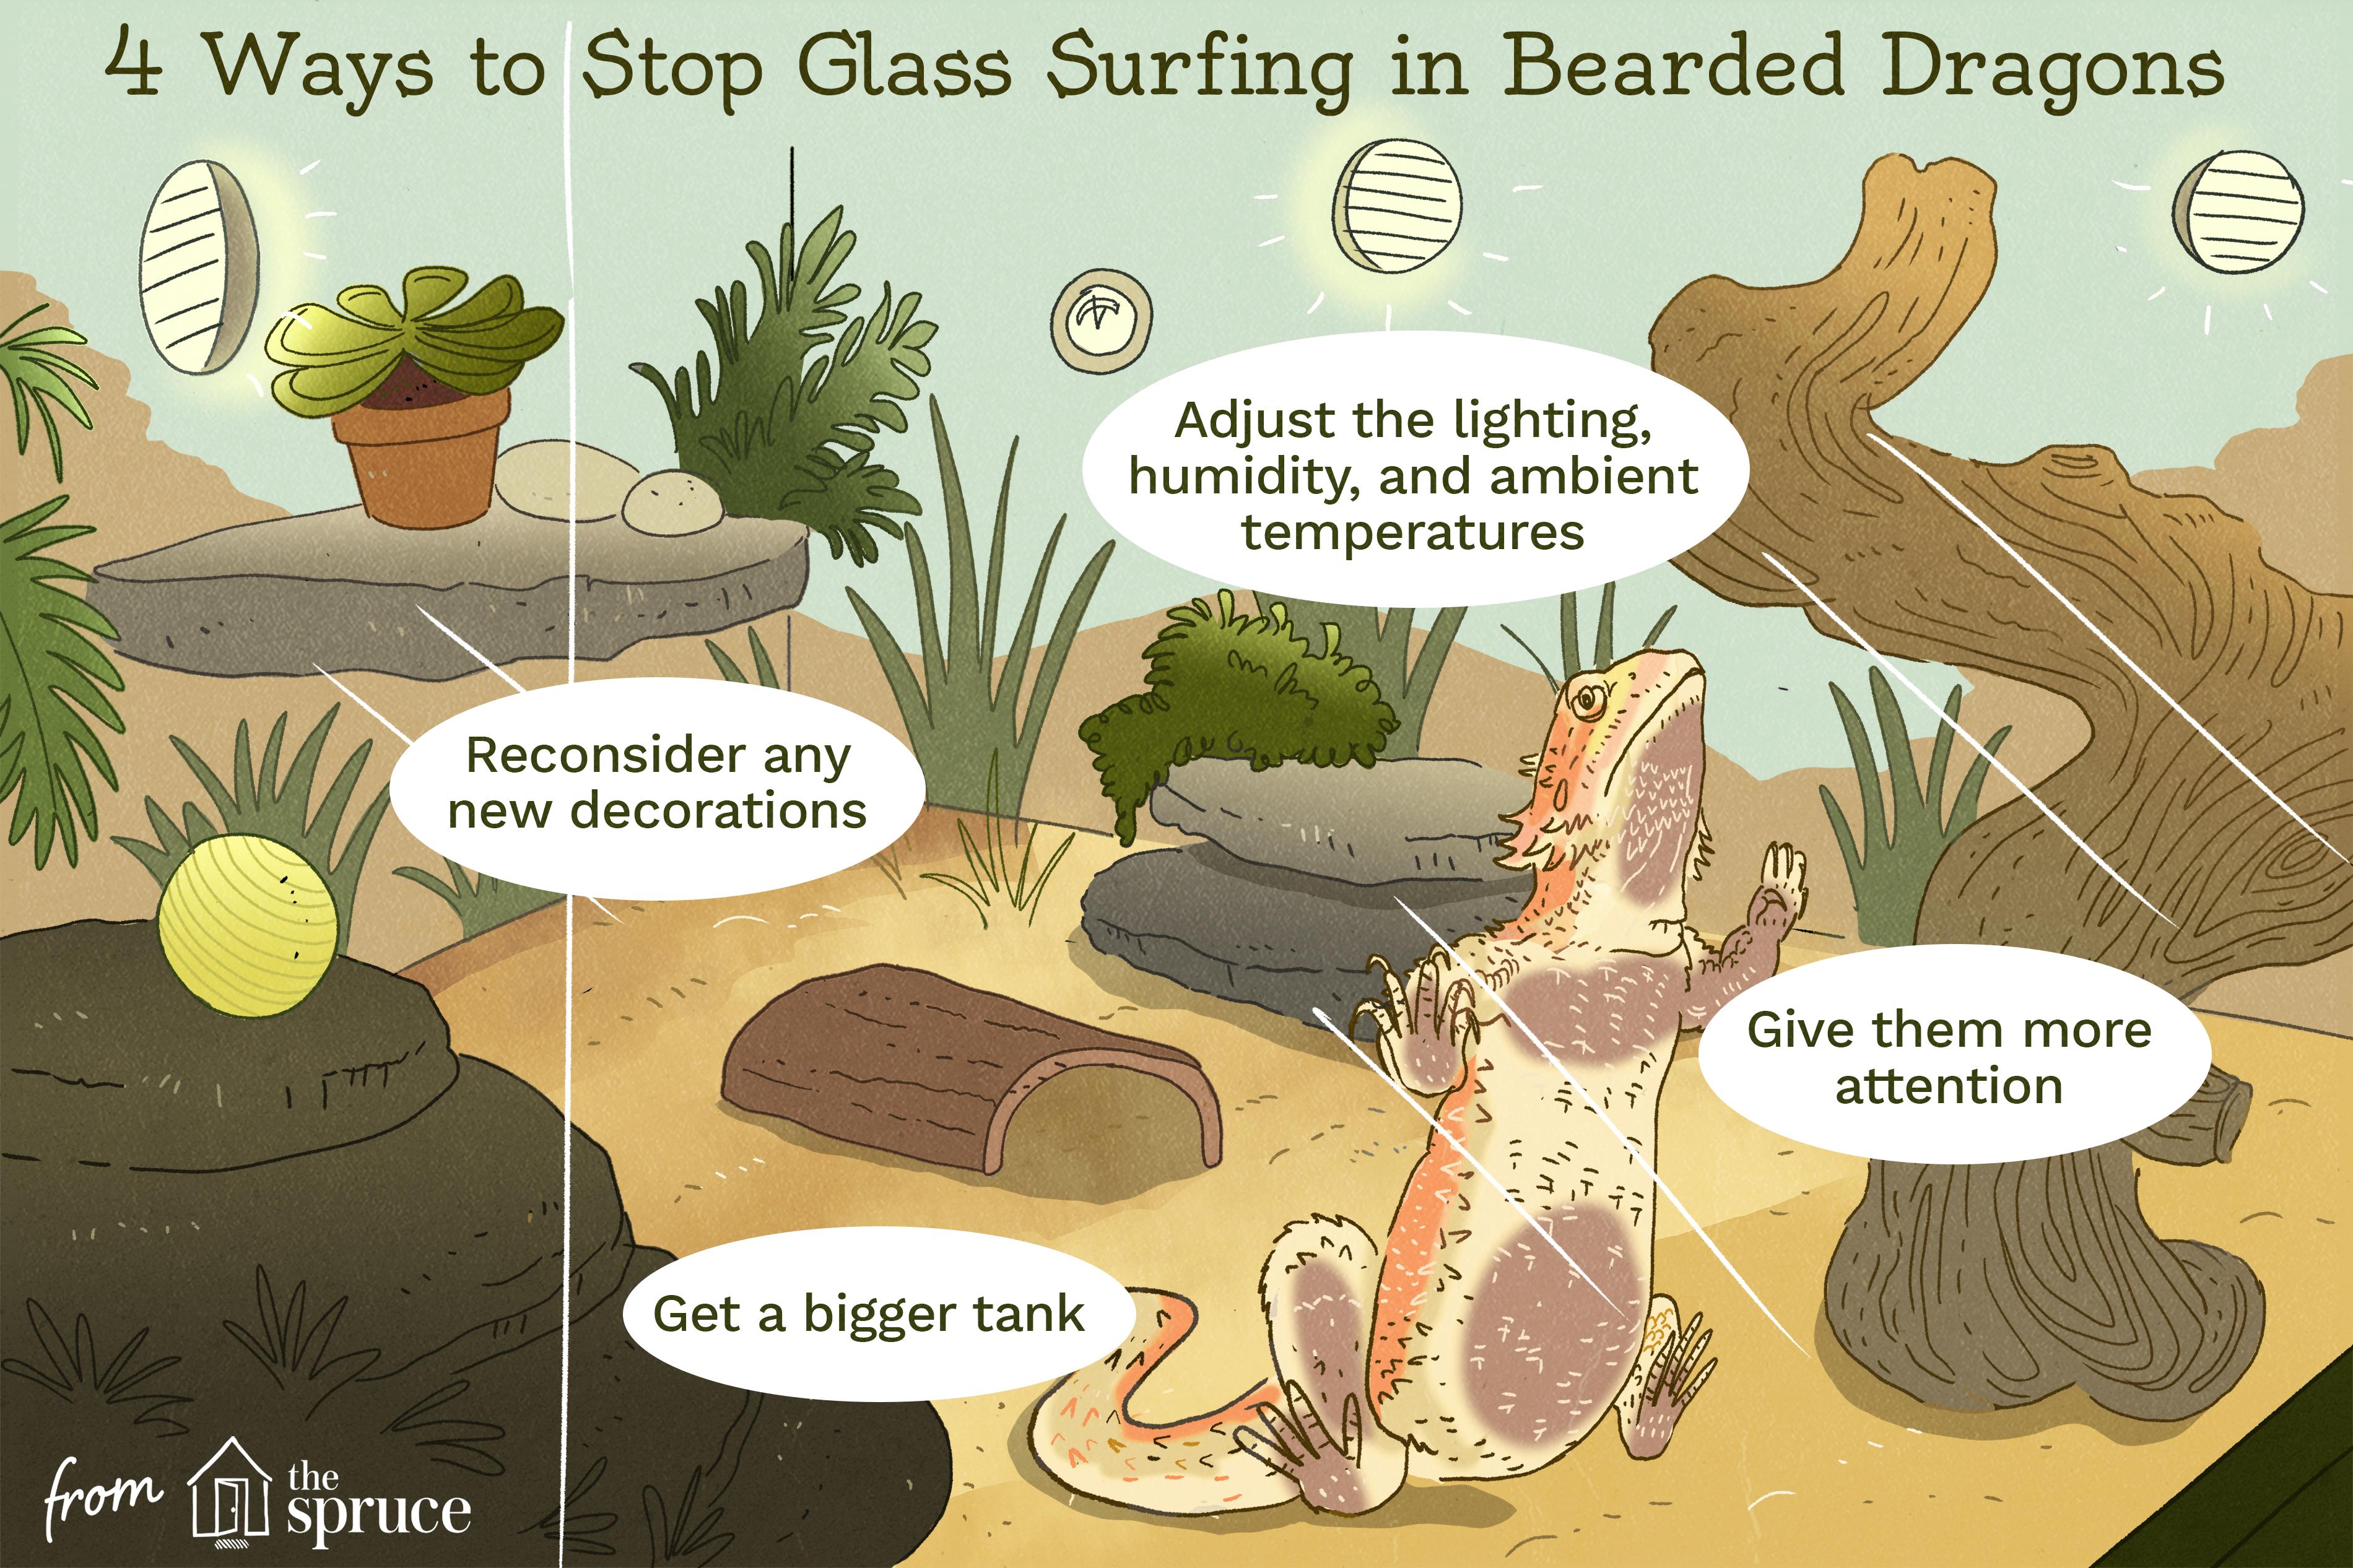 Cómo detener el surf de cristal en la ilustración de dragones barbudos